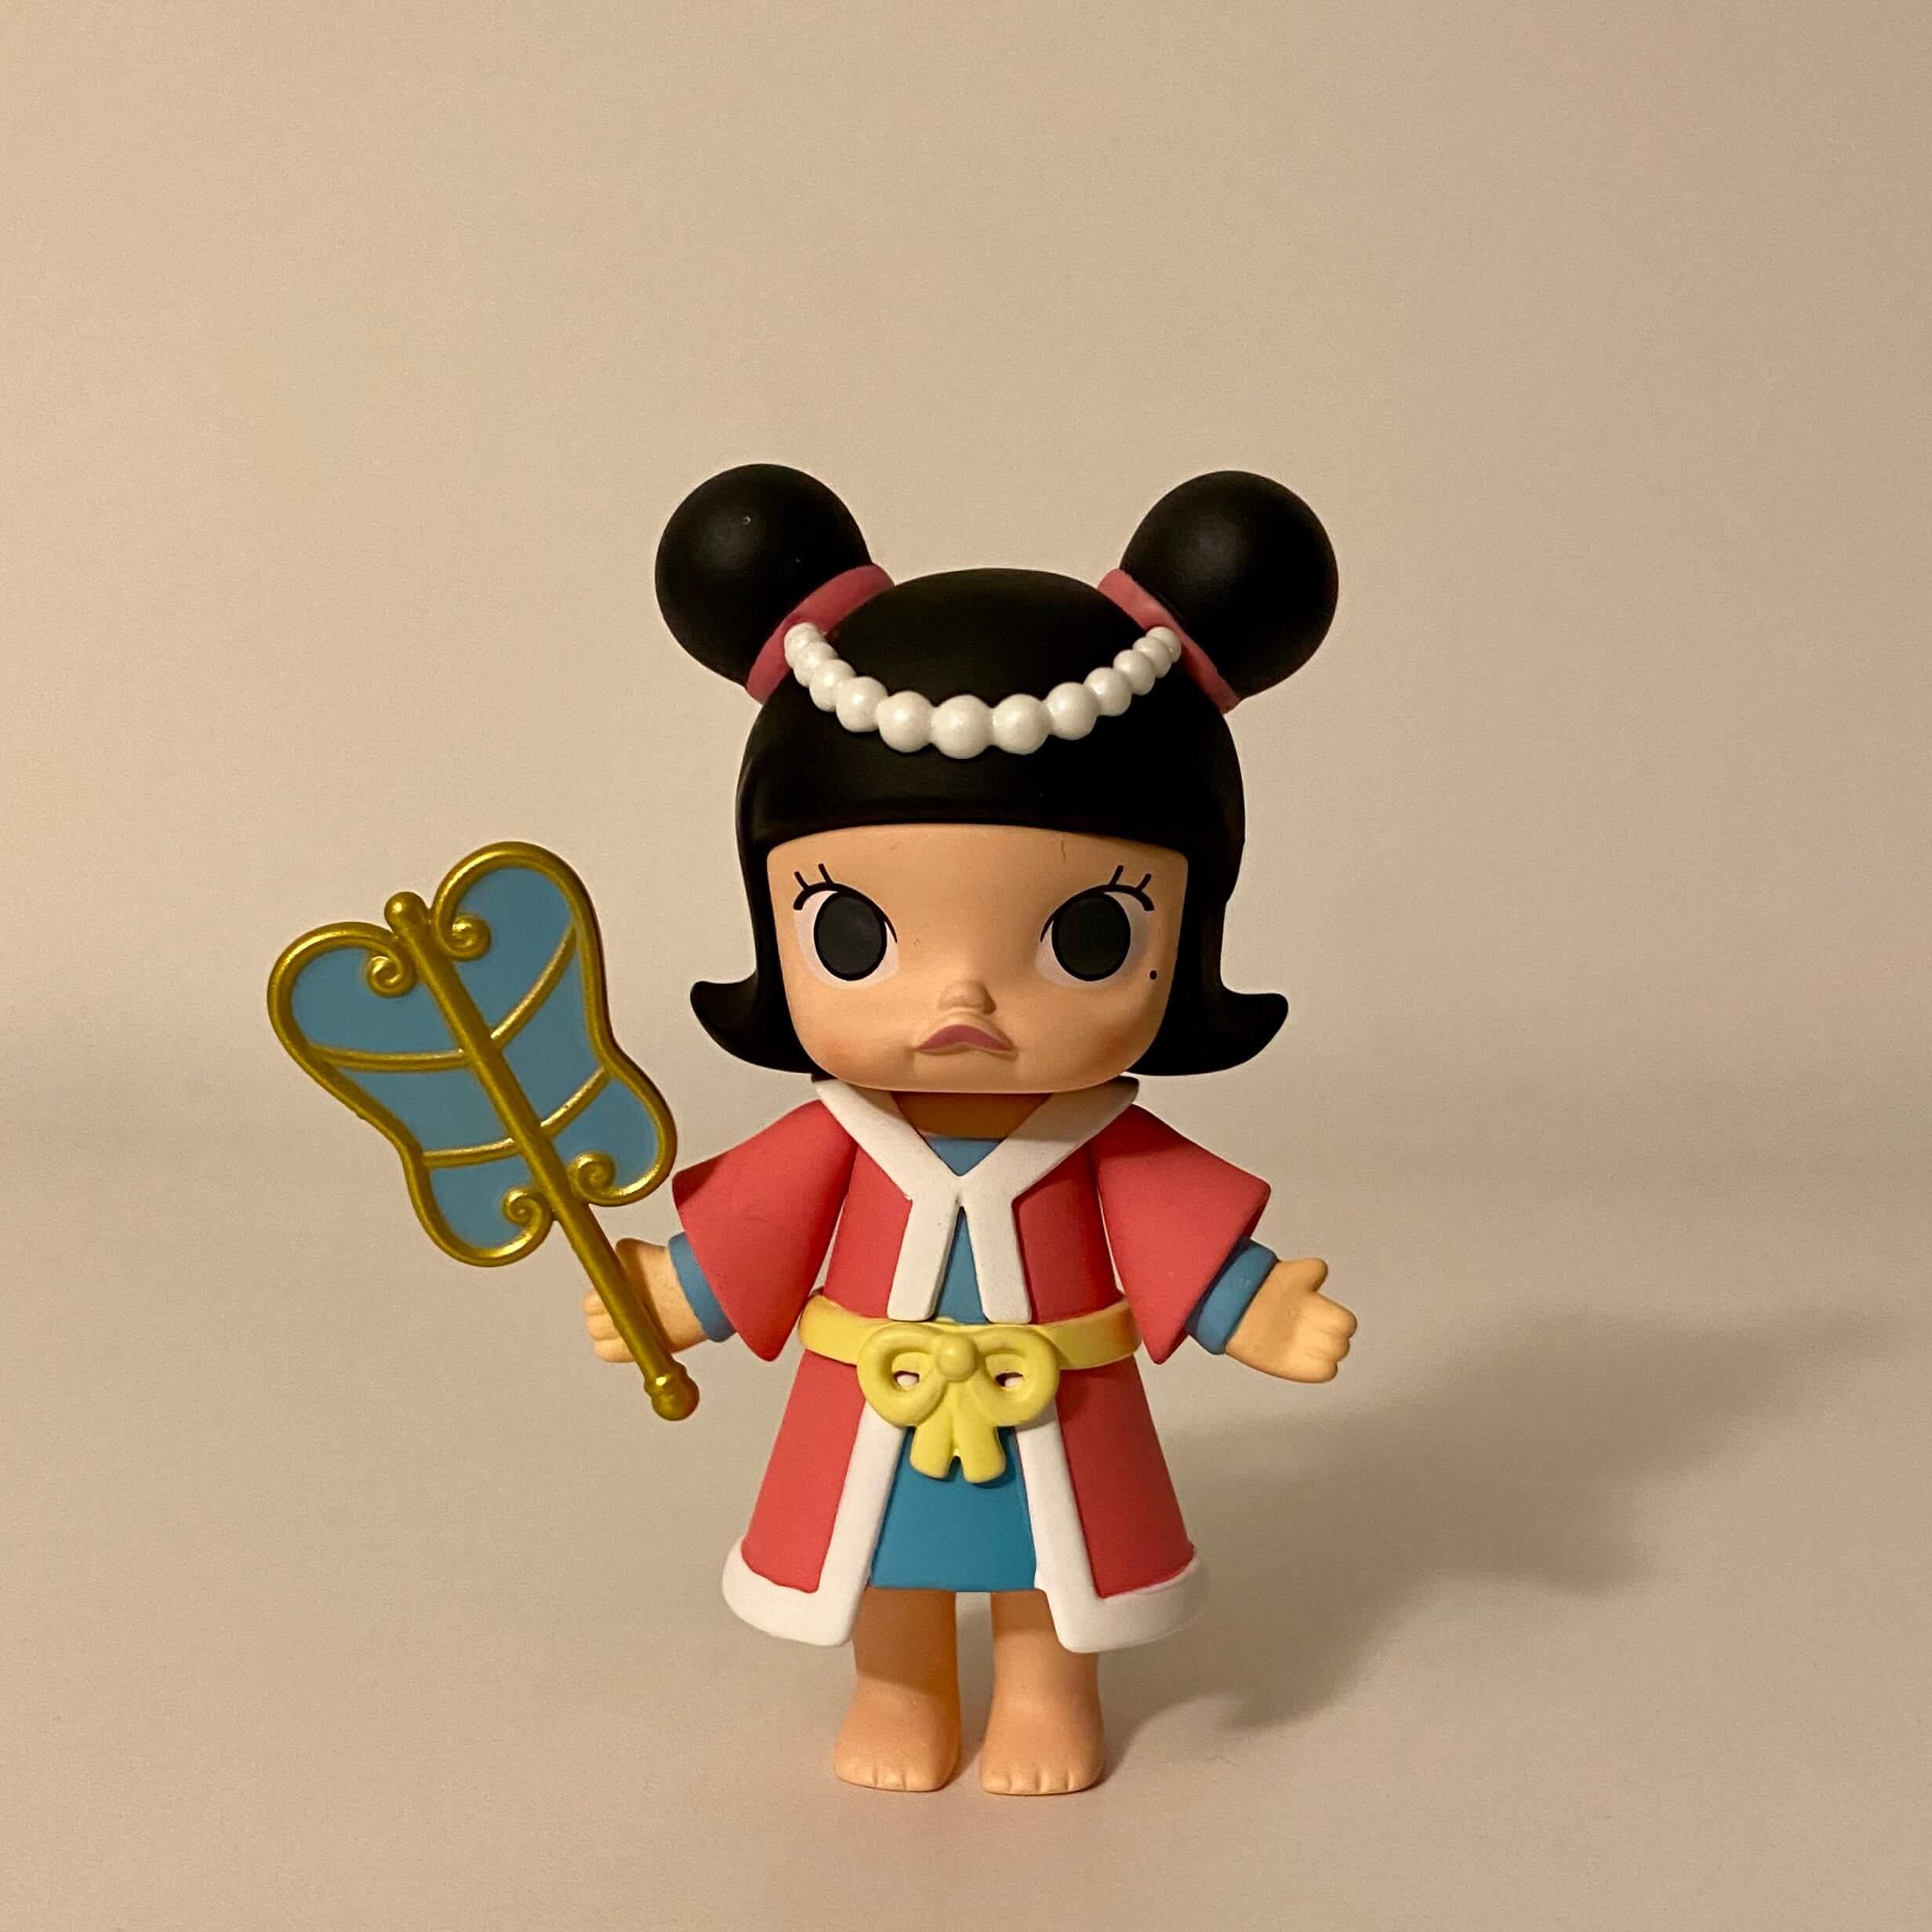 princess-iron-fan-journey-west-molly-popmart